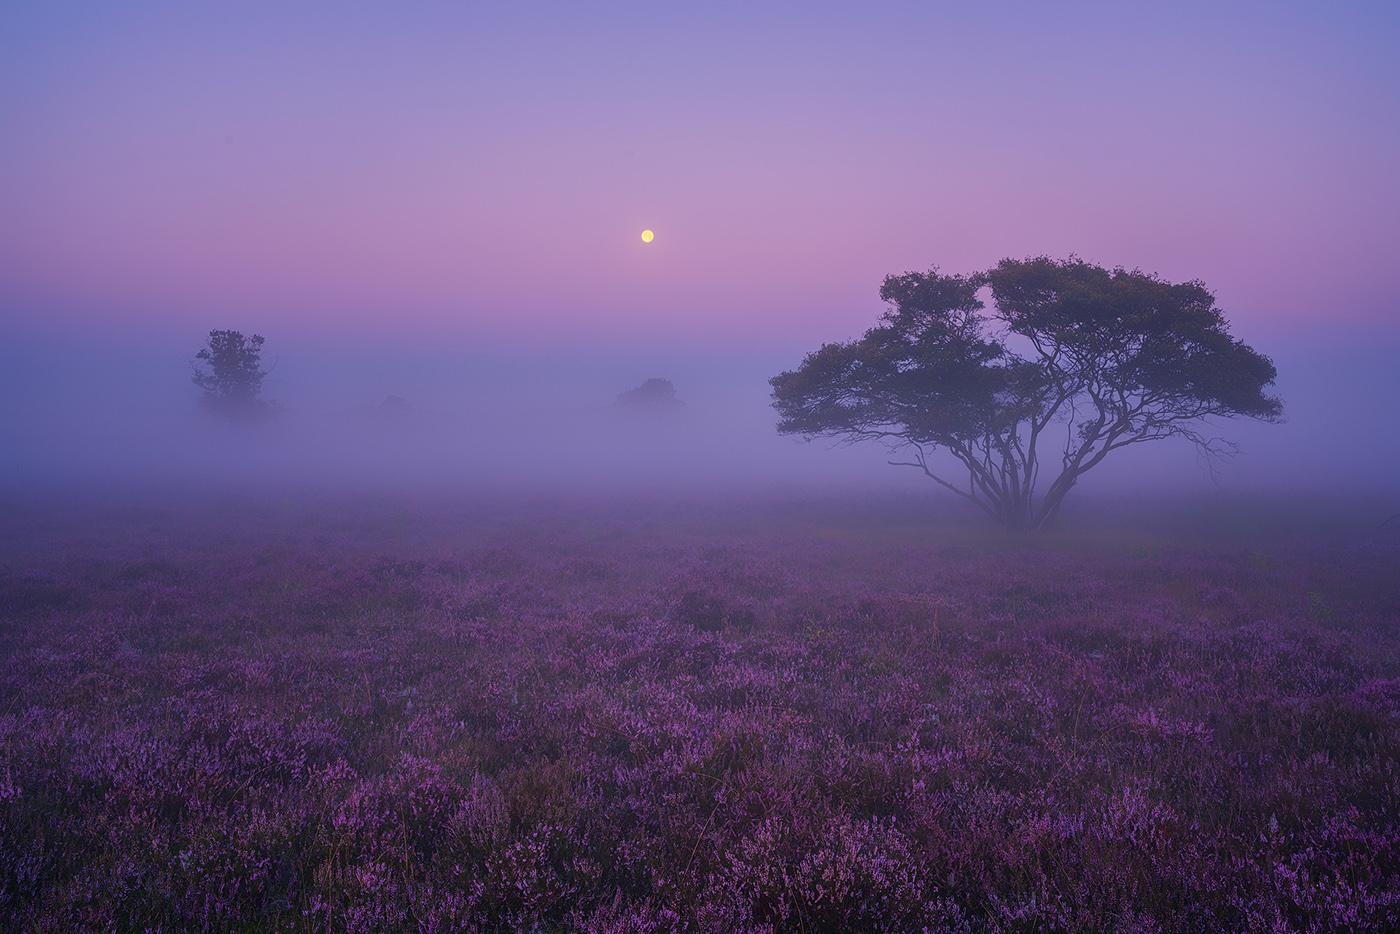 картинки фиолетовый пейзаж сарро боло карда